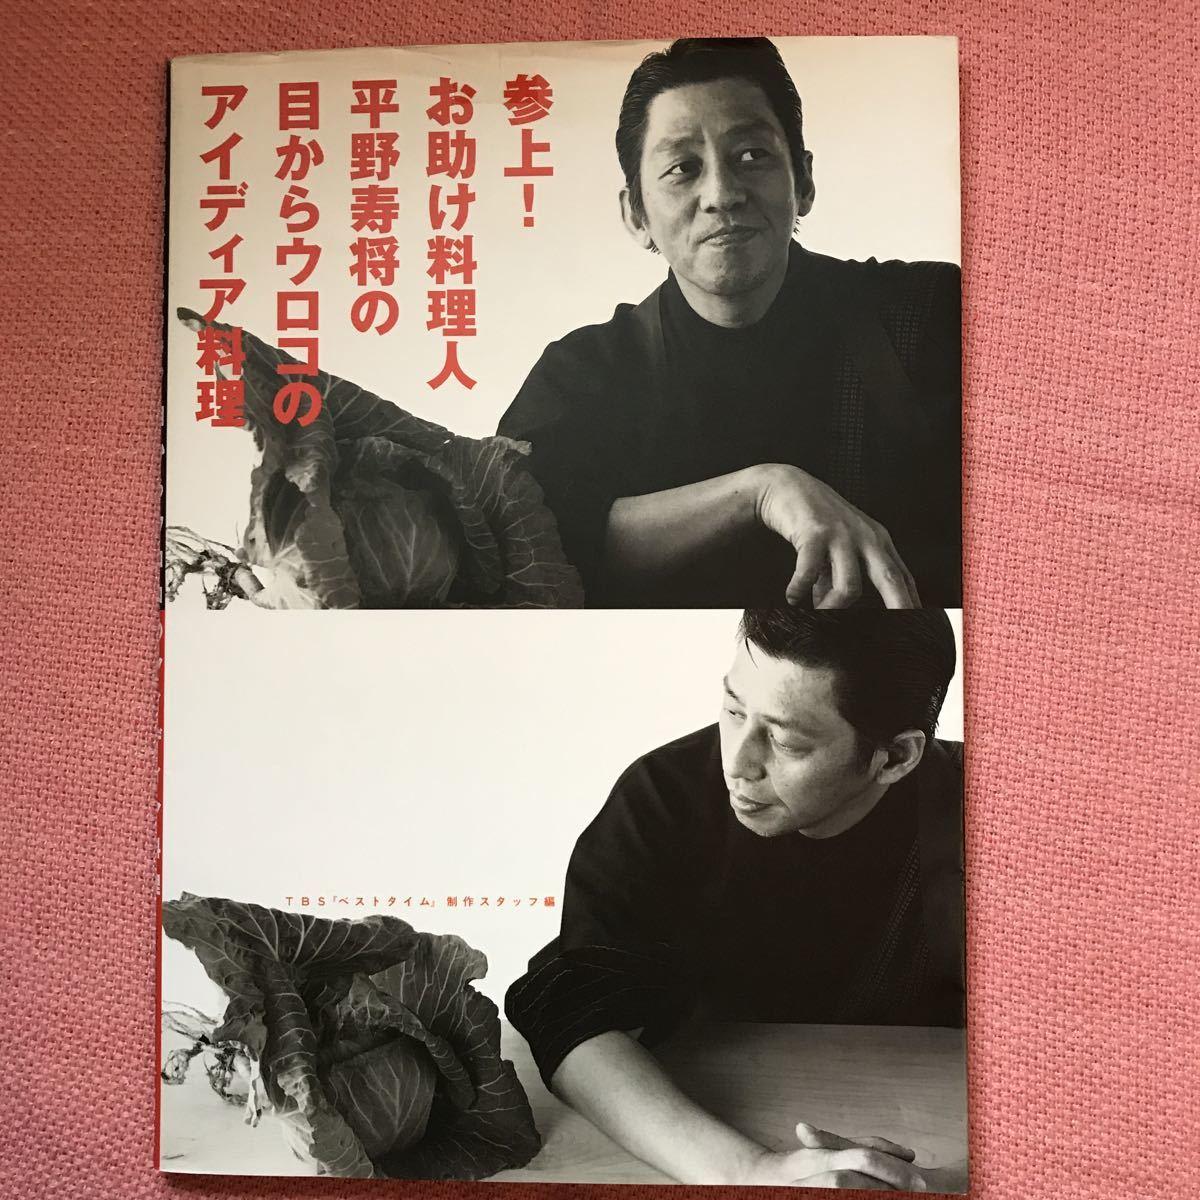 料理本 アイデア料理 彼ごはん 2冊セット フードコーディネーター 平野寿将 料理人